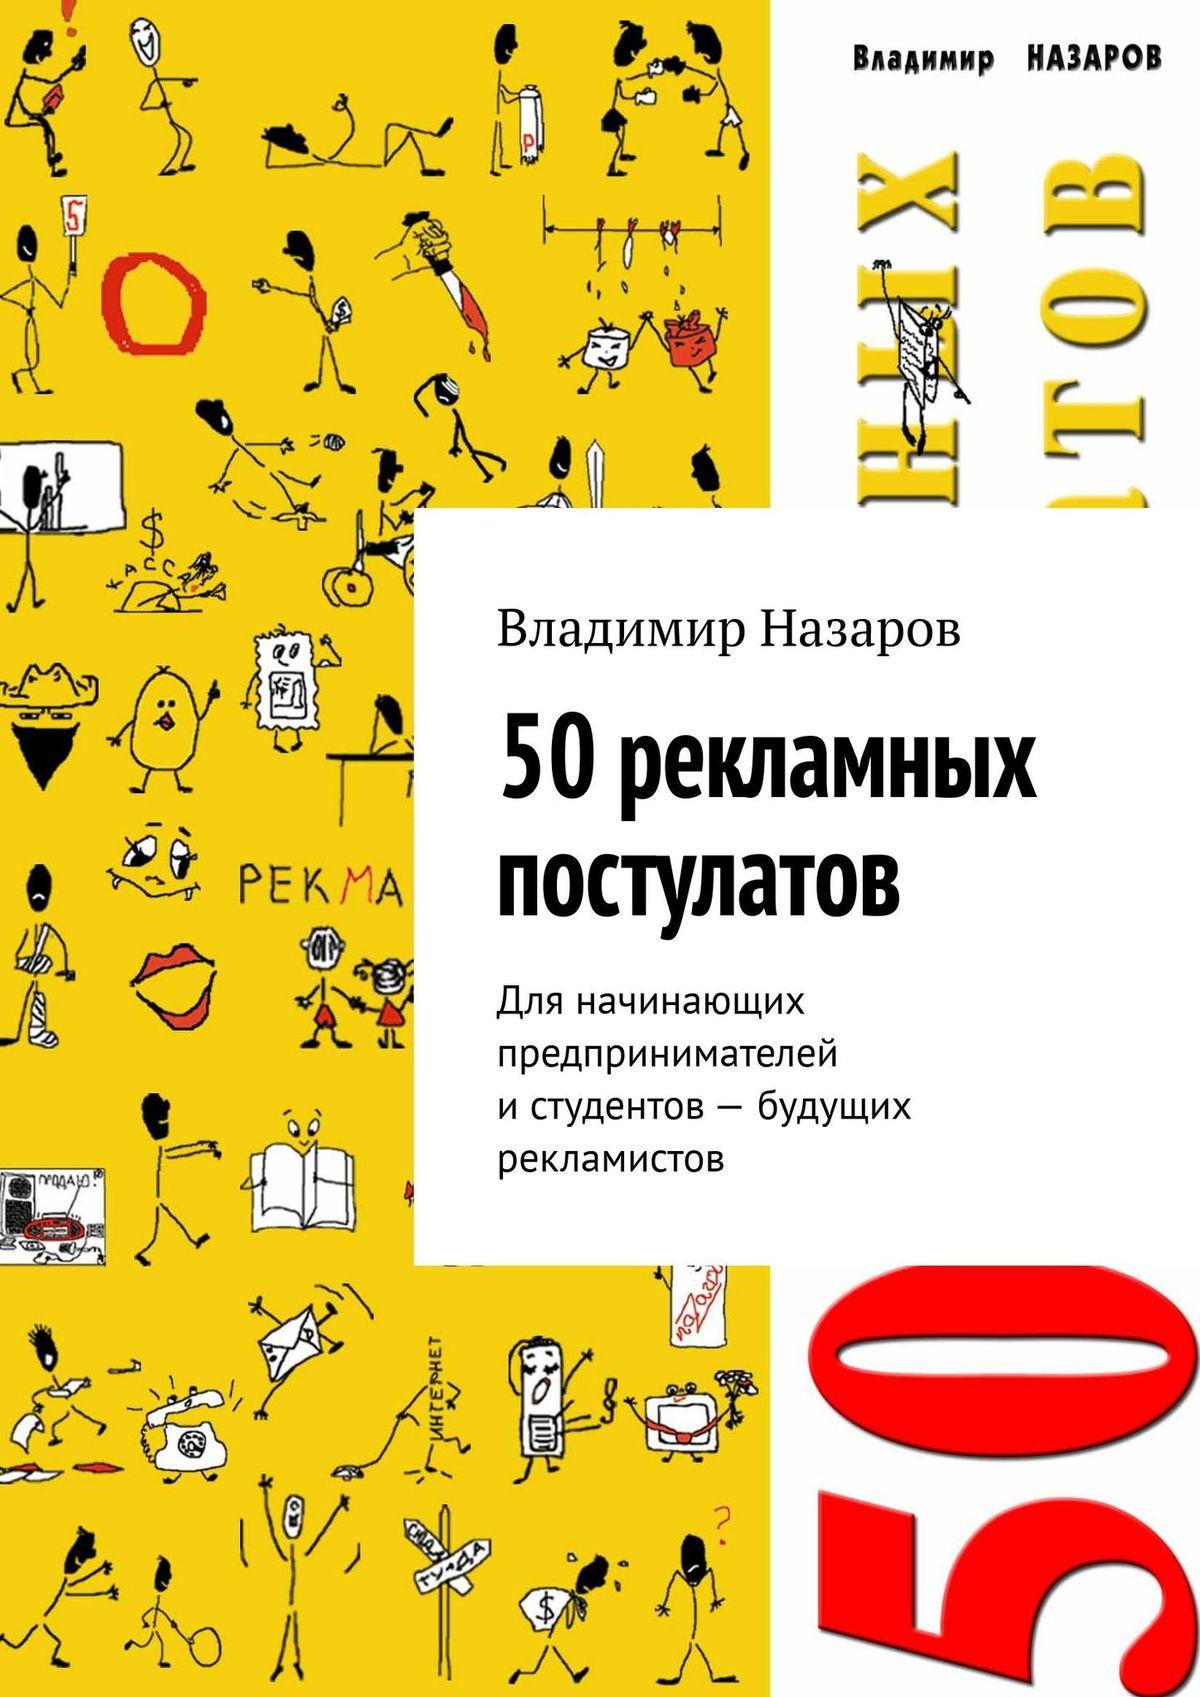 Владимир Назаров 50рекламных постулатов. Для начинающих предпринимателей истудентов-будущих рекламистов